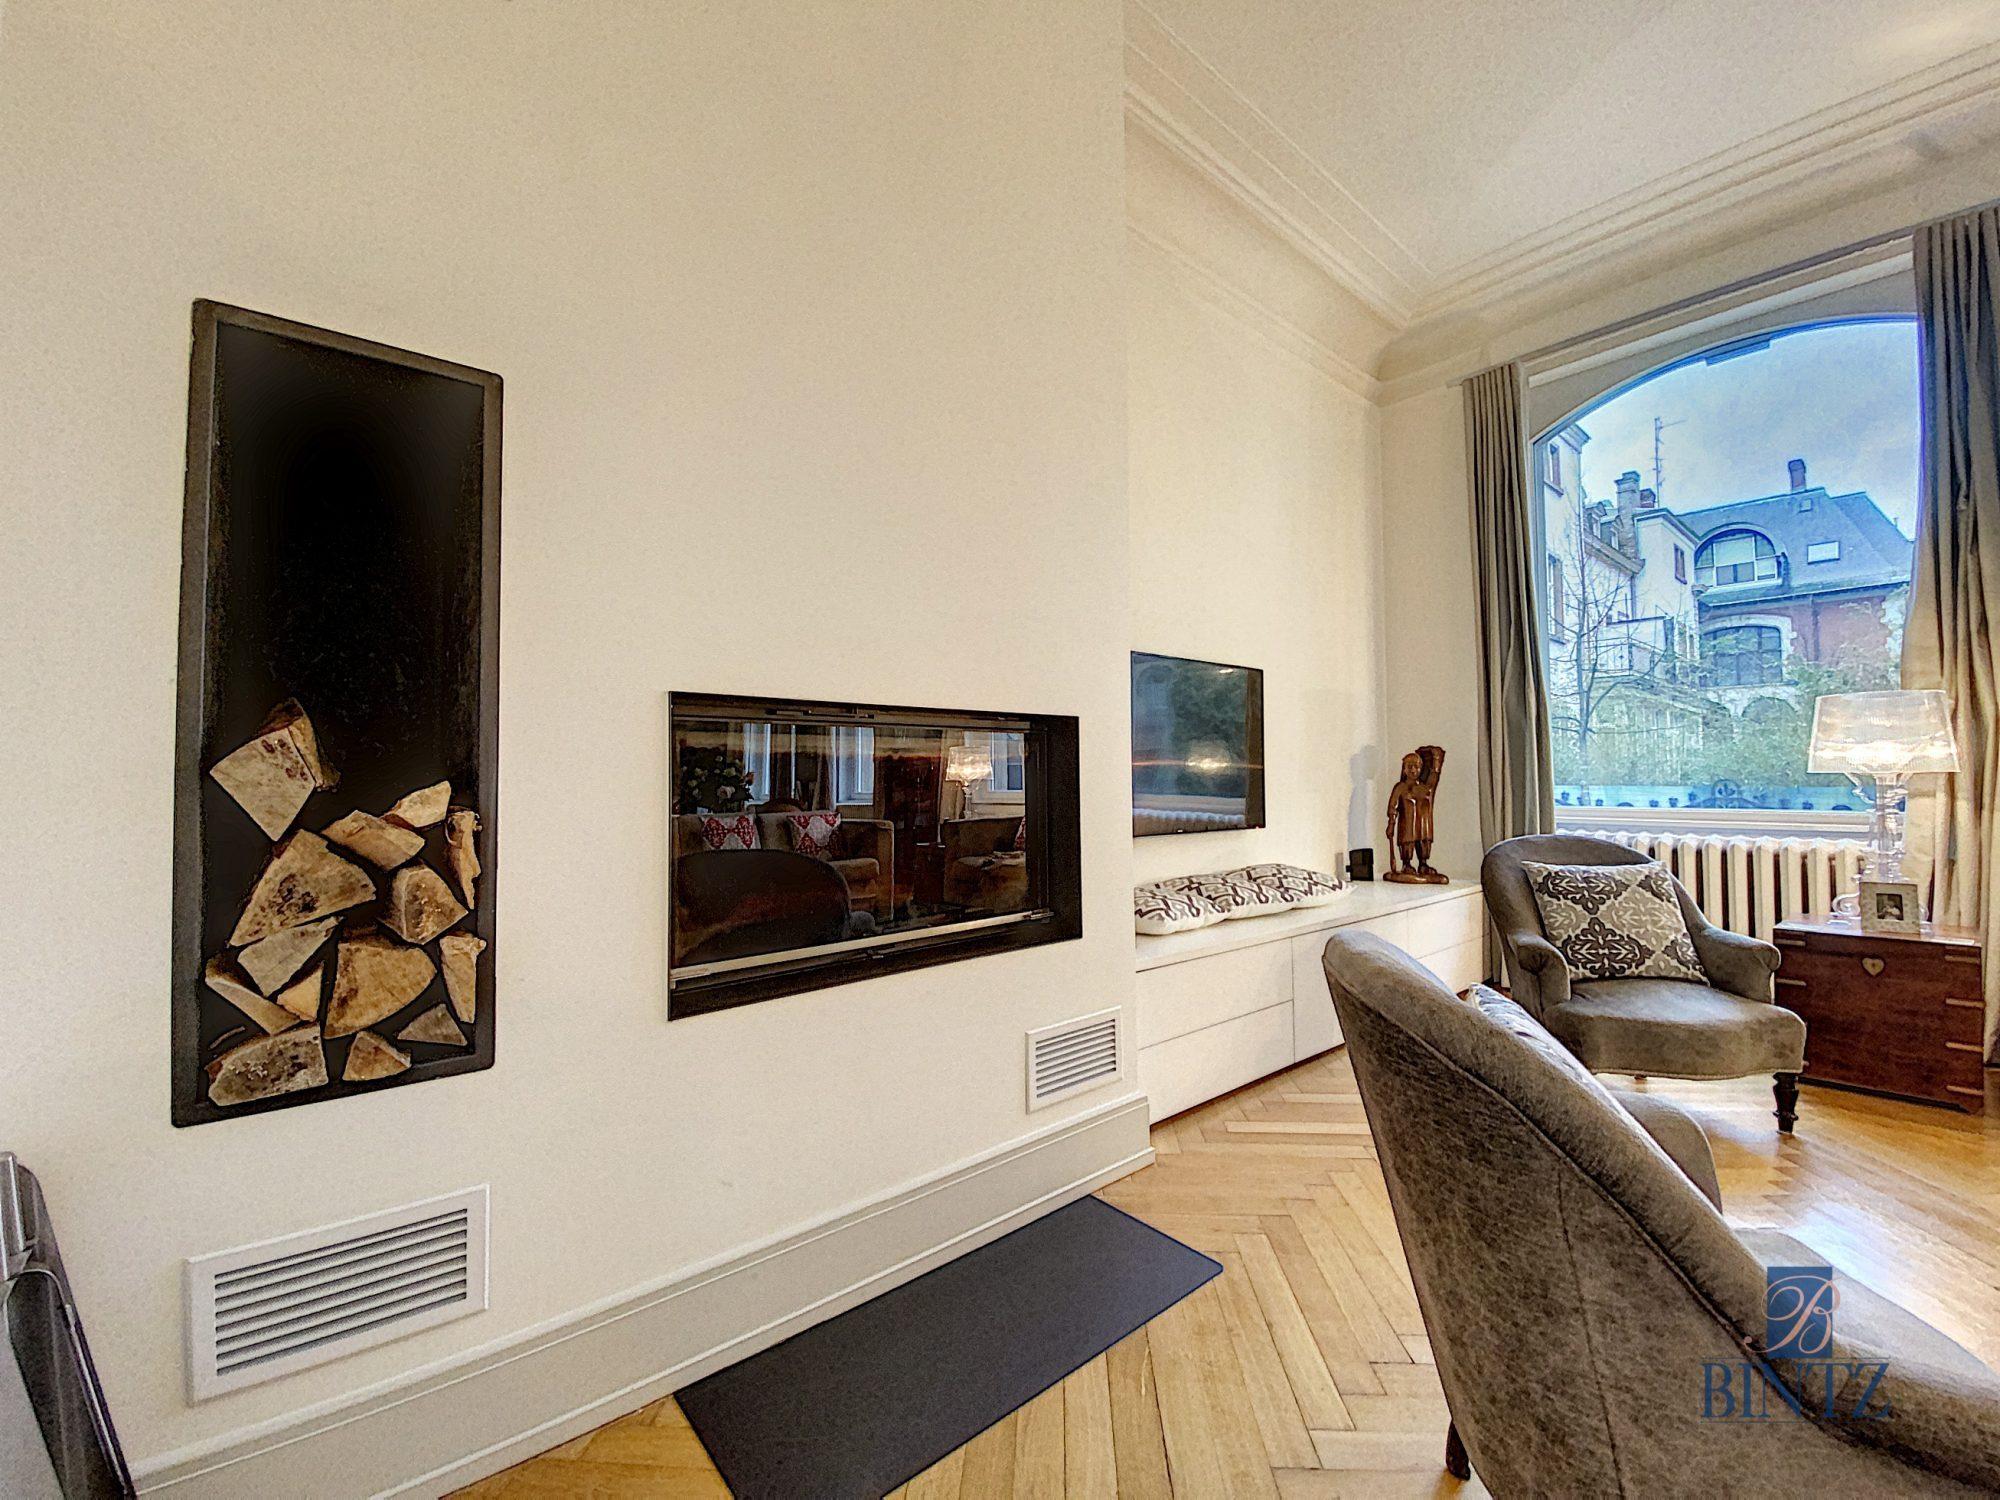 MAGNIFIQUE HOTEL PARTICULIER À STRASBOURG - Devenez propriétaire en toute confiance - Bintz Immobilier - 4